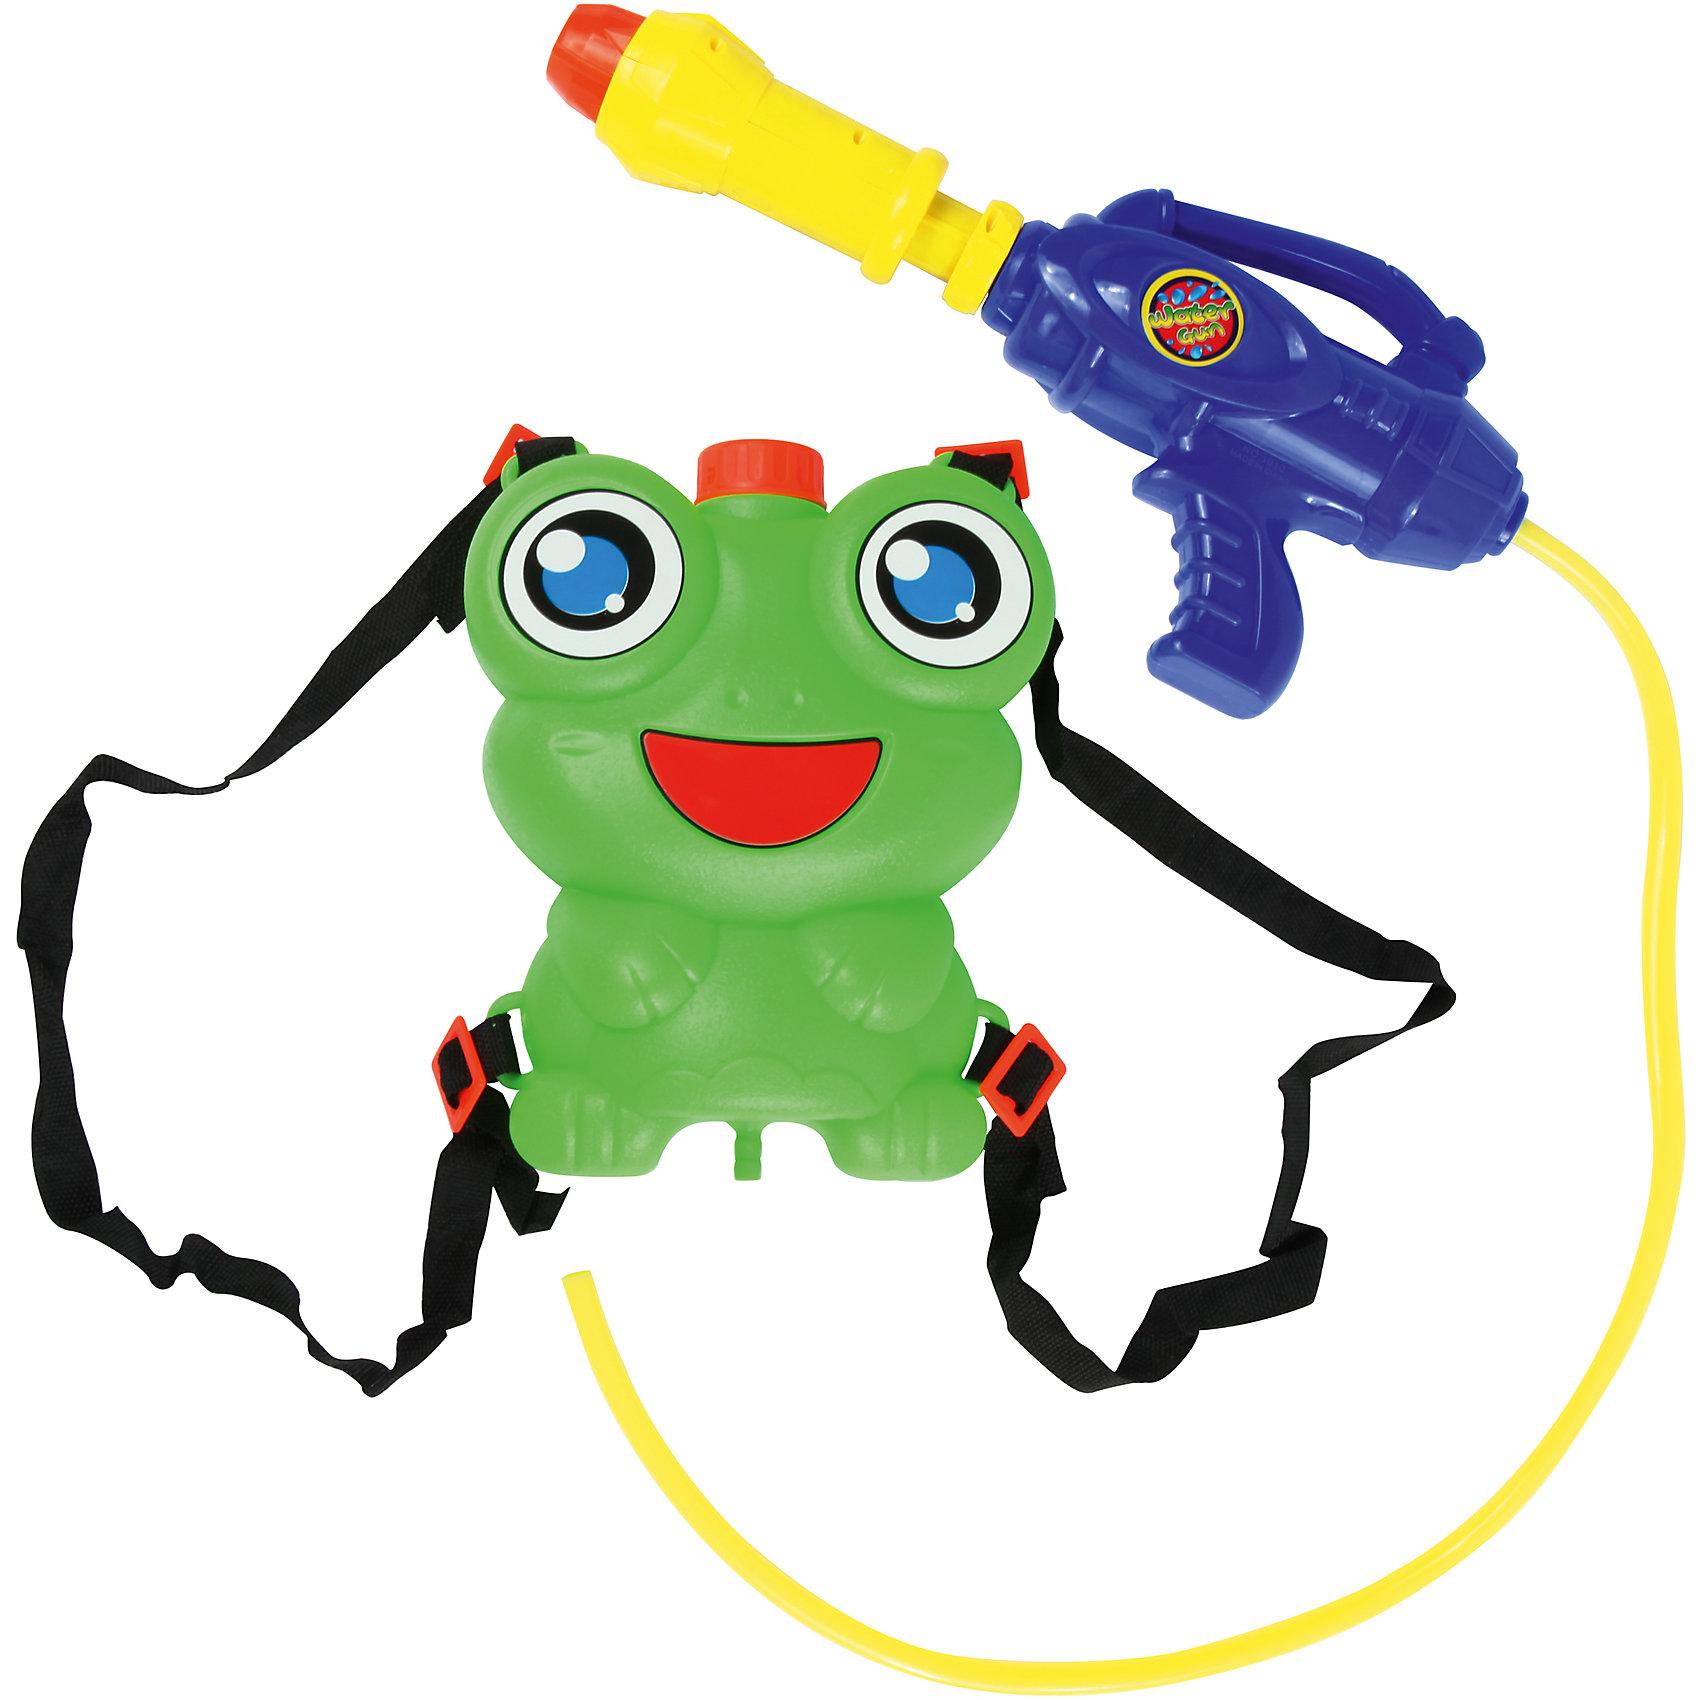 Водный автомат Водомёт, с ранцем-лягушонком, BebelotИгрушечное оружие<br>Можно играть в пожарных, а можно просто весело обливаться и резвиться. С водным автоматом Водомёт от Bebelot можно придумать множество увлекательных игр на свежем воздухе. Просто налейте в ранец-лягушонок чистой воды и Вы готовы к игре! Ранец невероятно симпатичный. Его легко надевать и носить за спиной, поэтому вода не закончится на самом интересном месте игры. Водный автомат Водомёт - лучшая игрушка для жаркой погоды.<br><br>Дополнительная информация: <br><br>- В комплекте: водный автомат, ранец-баллон;<br>- Поможет освежиться в жару;<br>- Набор выполнен из высококачественного пластика;<br>- Удобная форма;<br>- Размер: 48 см;<br>- Размер упаковки: 48 х 32 х 8 см<br>- Вес: 0,2 кг<br><br>Водный автомат Водомёт, с ранцем-лягушонком, Bebelot можно купить в нашем интернет-магазине.<br><br>Ширина мм: 480<br>Глубина мм: 320<br>Высота мм: 80<br>Вес г: 200<br>Возраст от месяцев: 36<br>Возраст до месяцев: 72<br>Пол: Унисекс<br>Возраст: Детский<br>SKU: 4094285